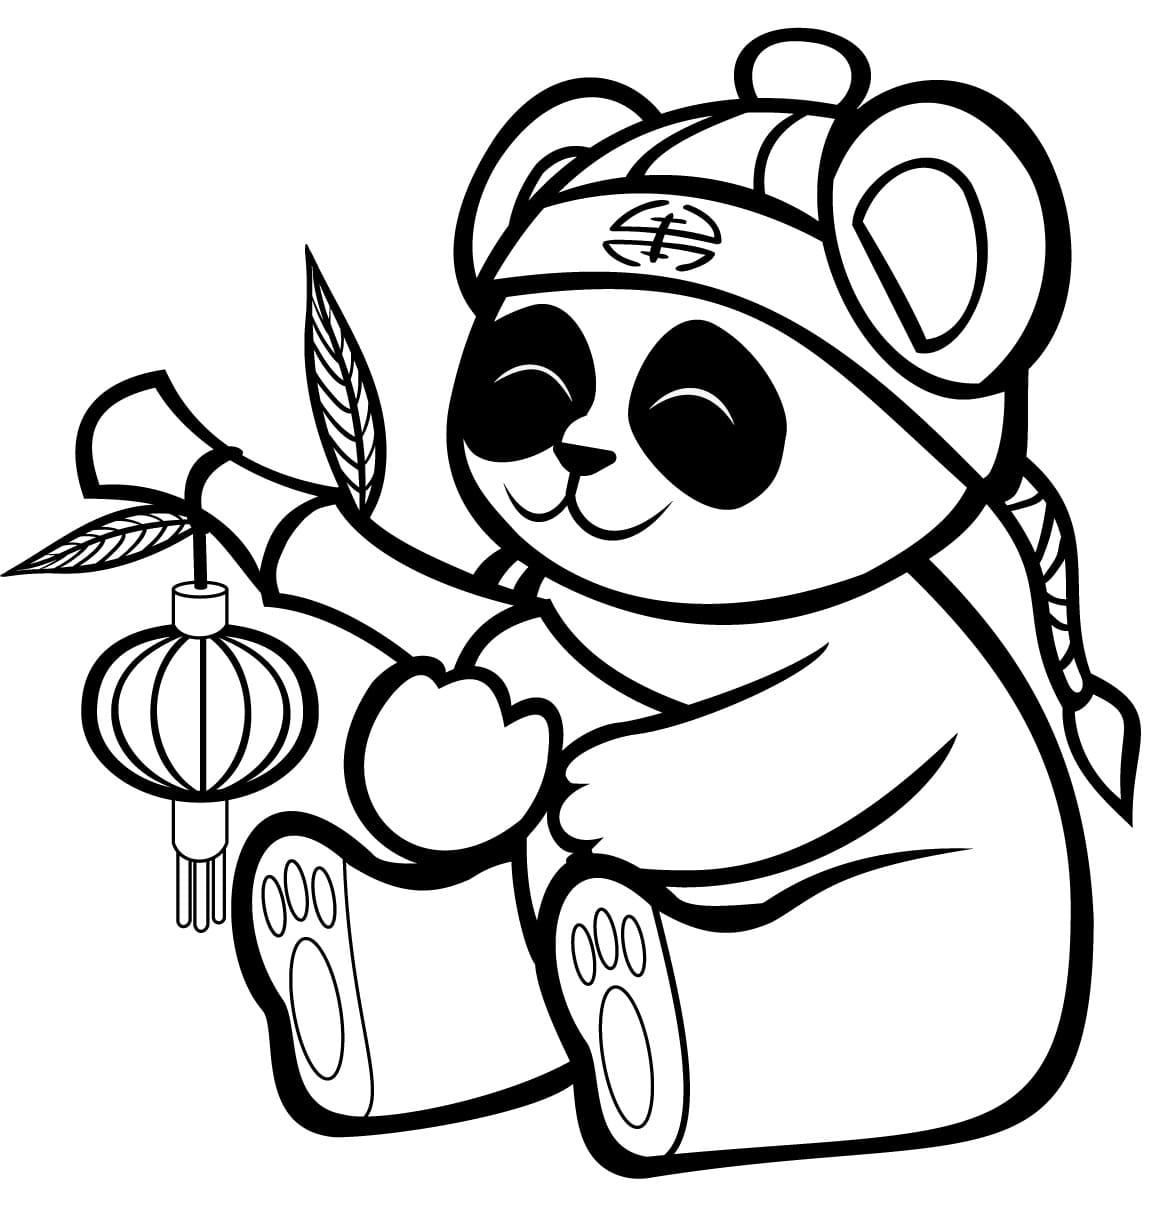 Ausmalbilder Panda  21 Malvorlagen Kostenlos zum Ausdrucken